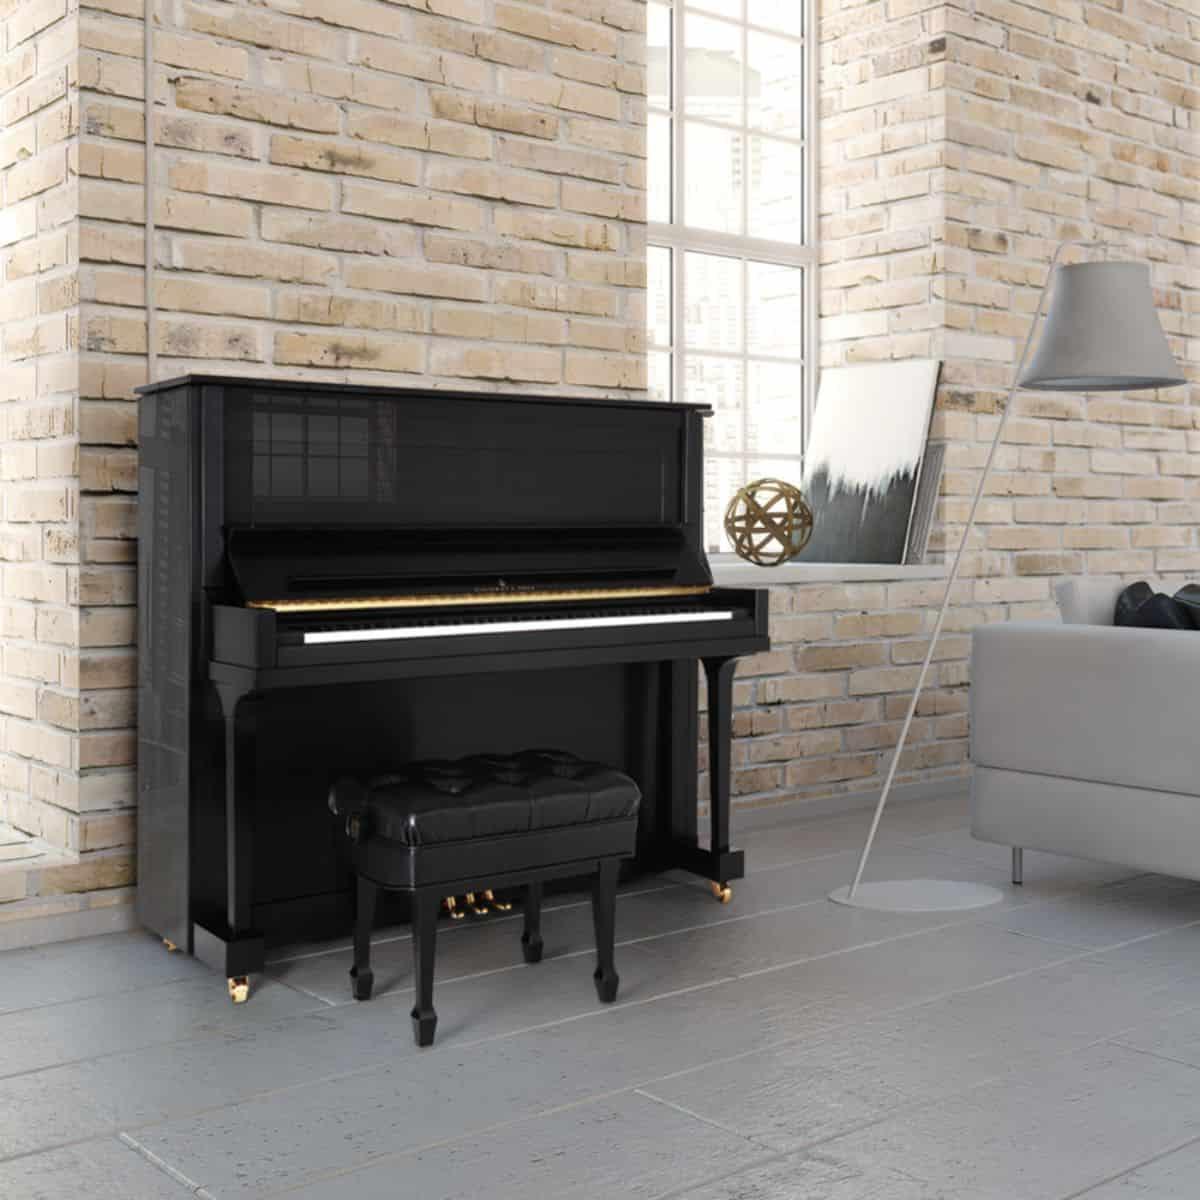 Model K 52 Retouched NY Piano In Brick Studio Square